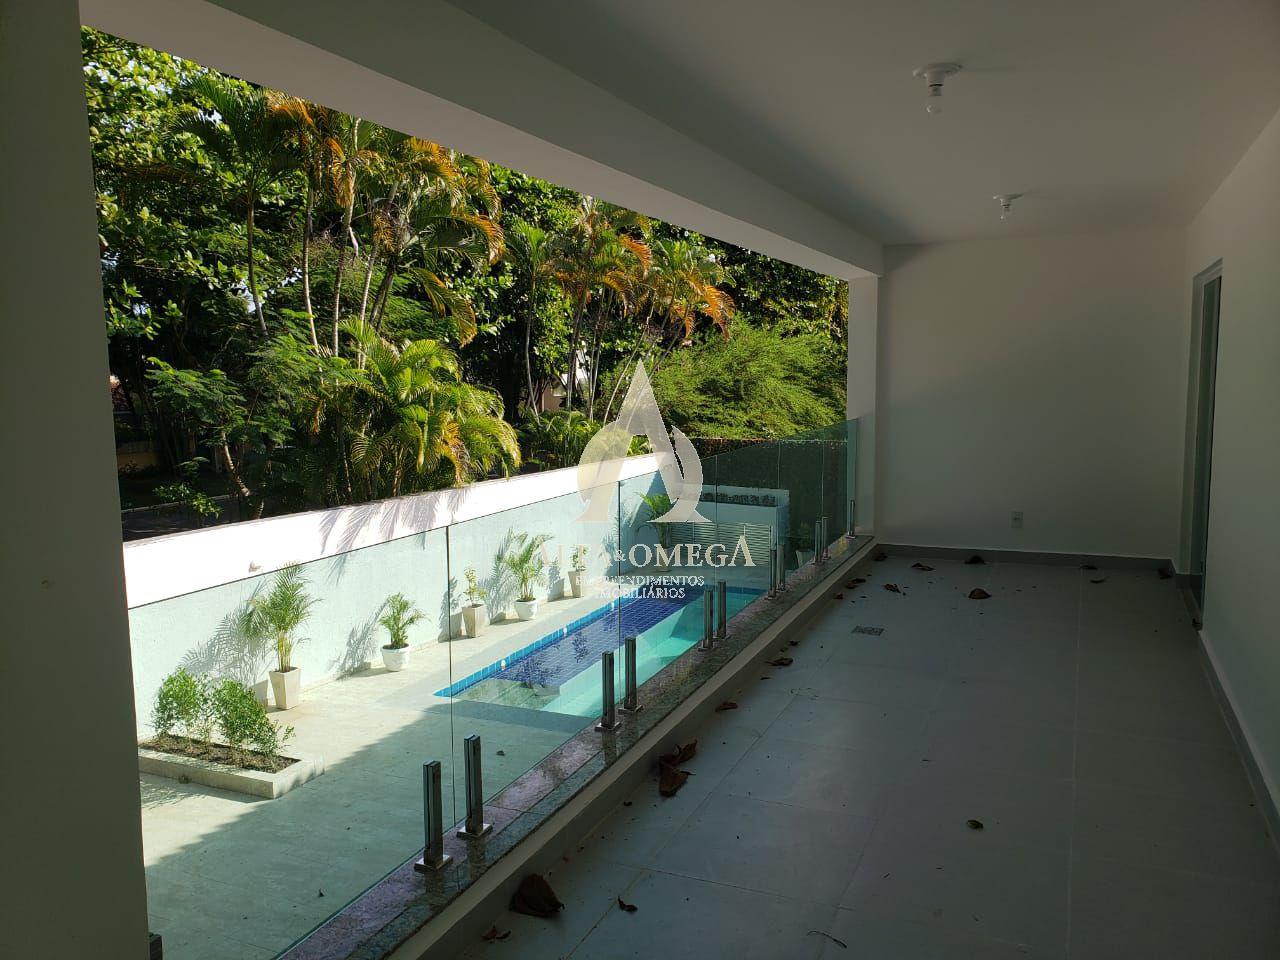 FOTO 3 - Casa 5 quartos à venda Barra da Tijuca, Rio de Janeiro - R$ 4.500.000 - AOJC60115 - 4